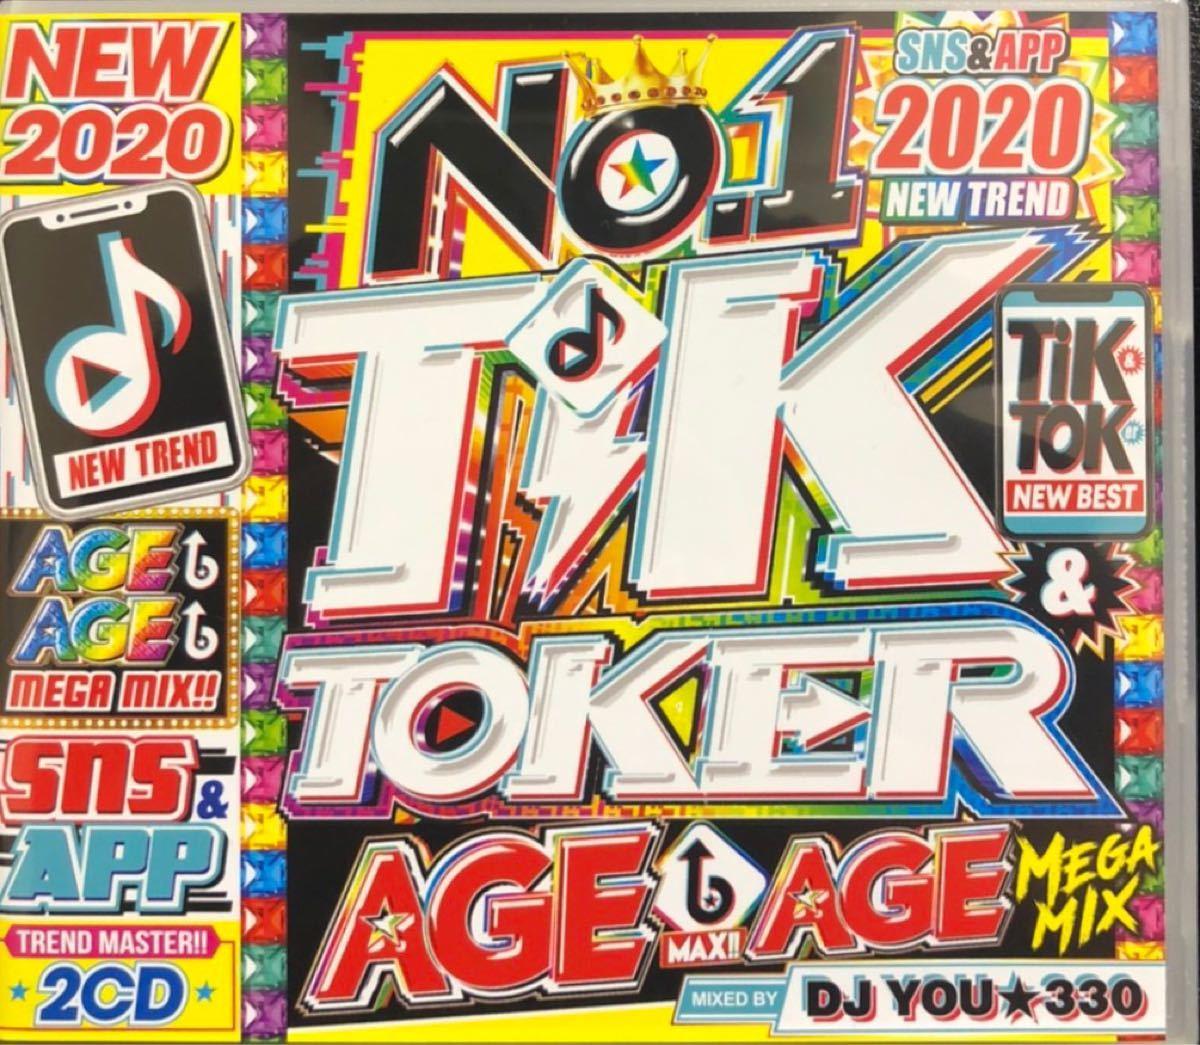 洋楽 CD NO.1 TIK & TOKER AGE AGE MEGAMIX!!